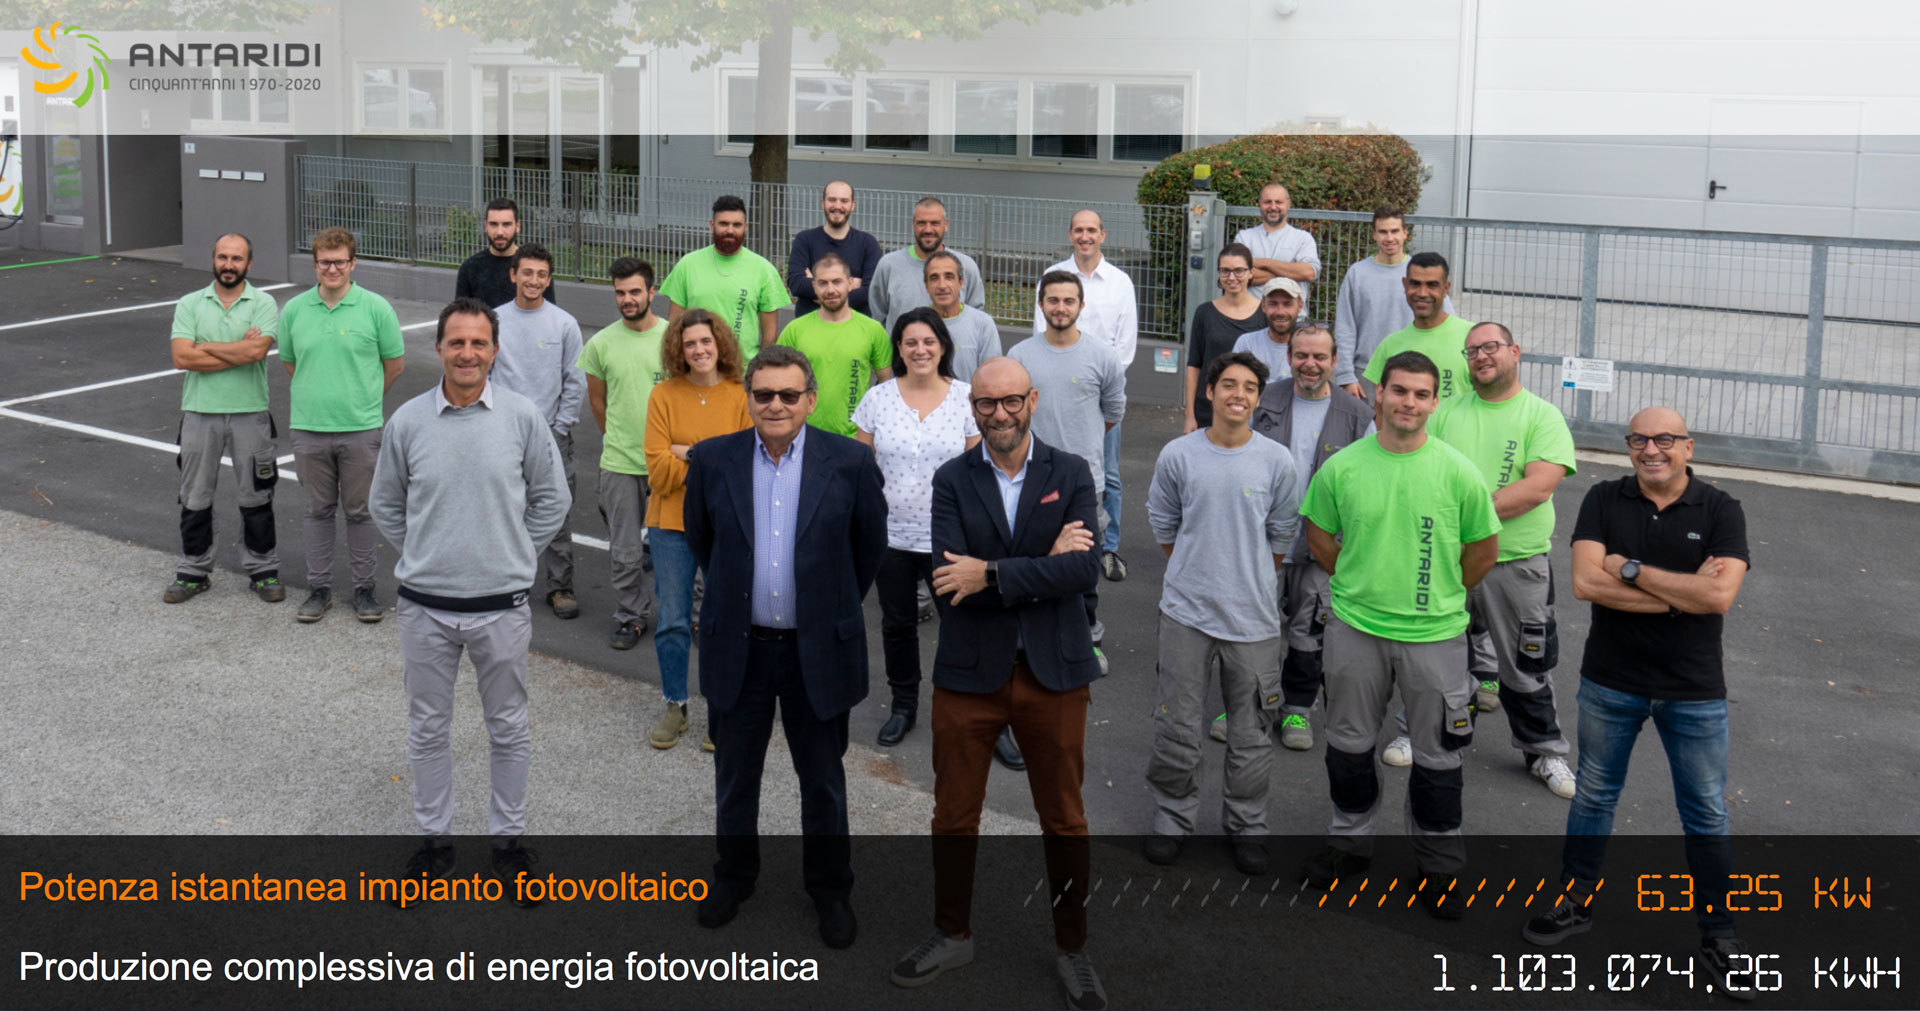 Guarda la potenza istantanea e complessiva dell'impianto fotovoltaico della nostra azienda.